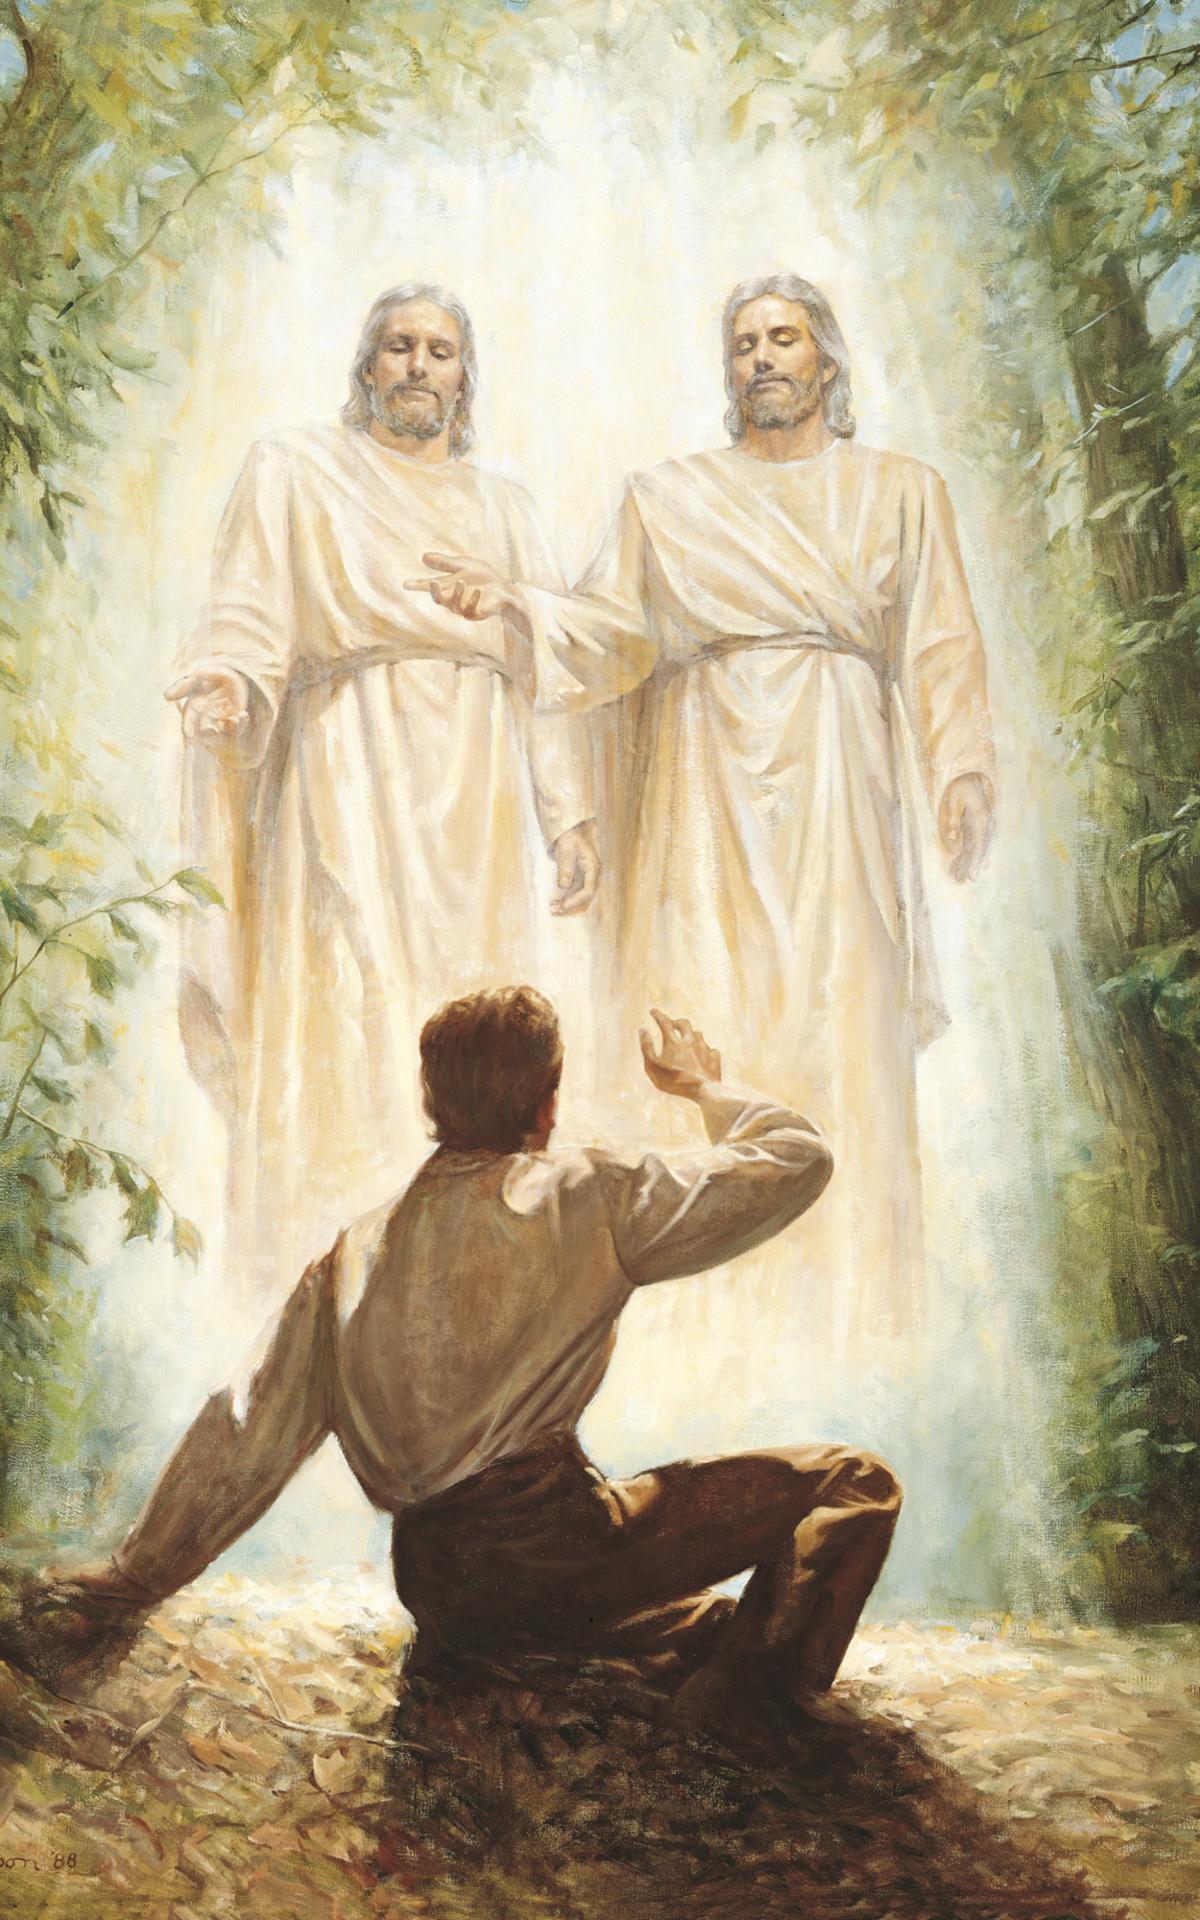 Джозеф Сміт у Священному гаю